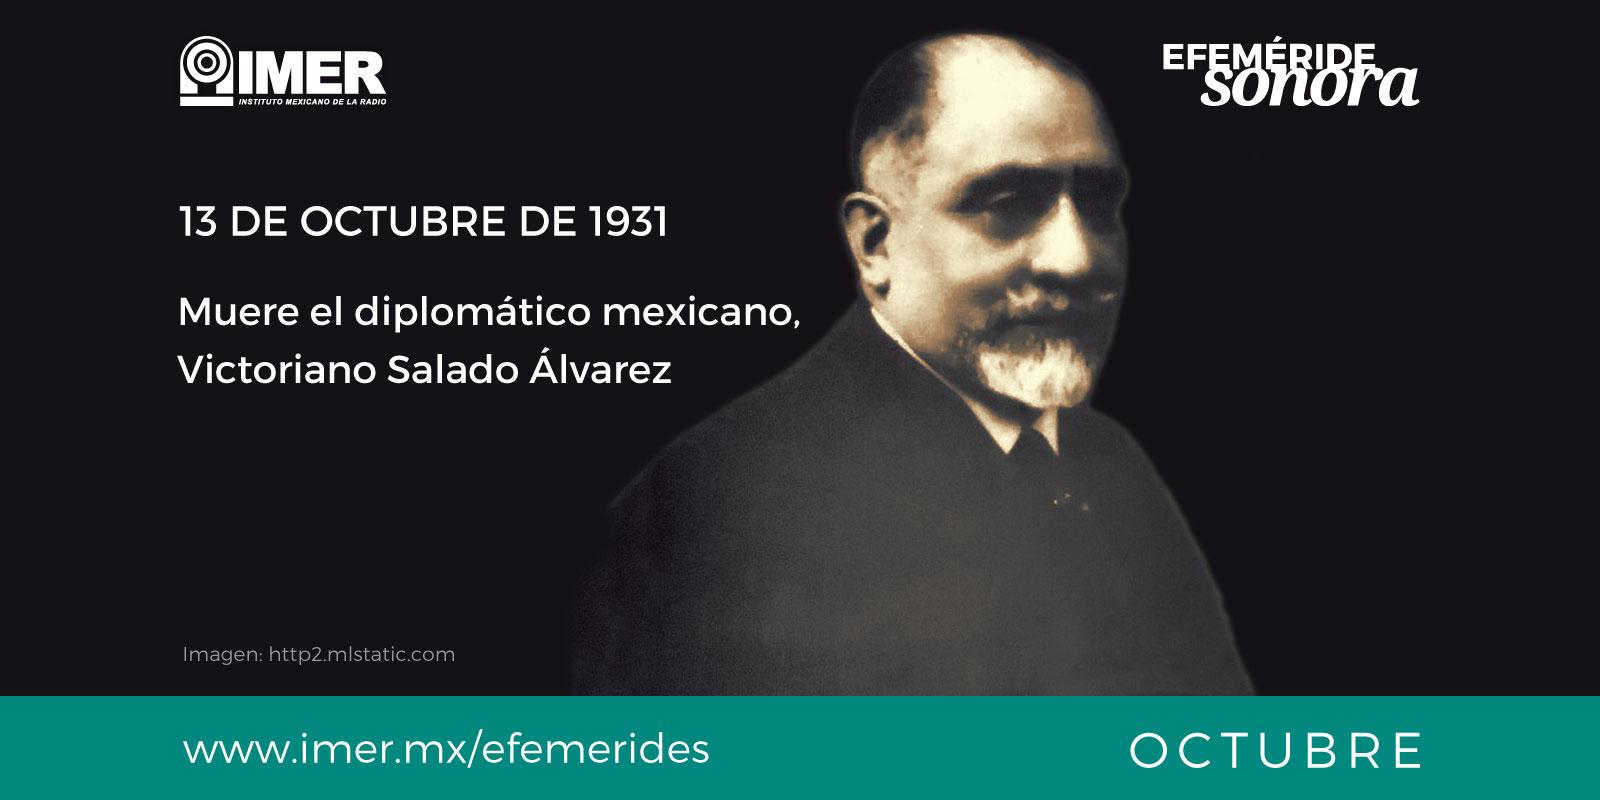 13 de octubre de 1931, muere Victoriano Salado Álvarez – IMER